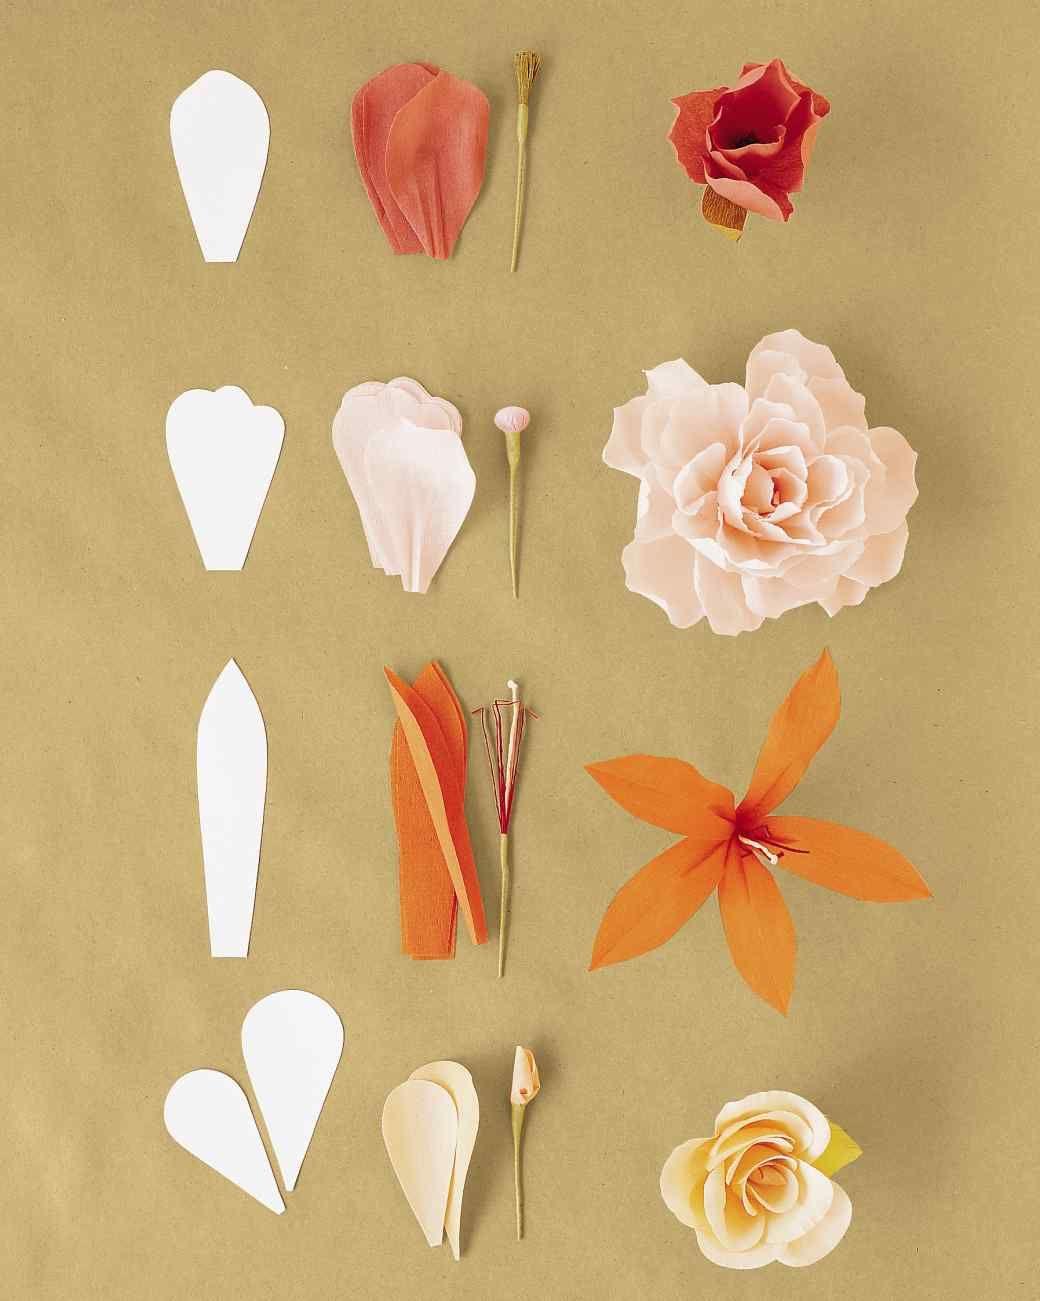 offrir des fleurs papier cr pon id es pour la f te des m res papier cr pon fleurs en papier. Black Bedroom Furniture Sets. Home Design Ideas